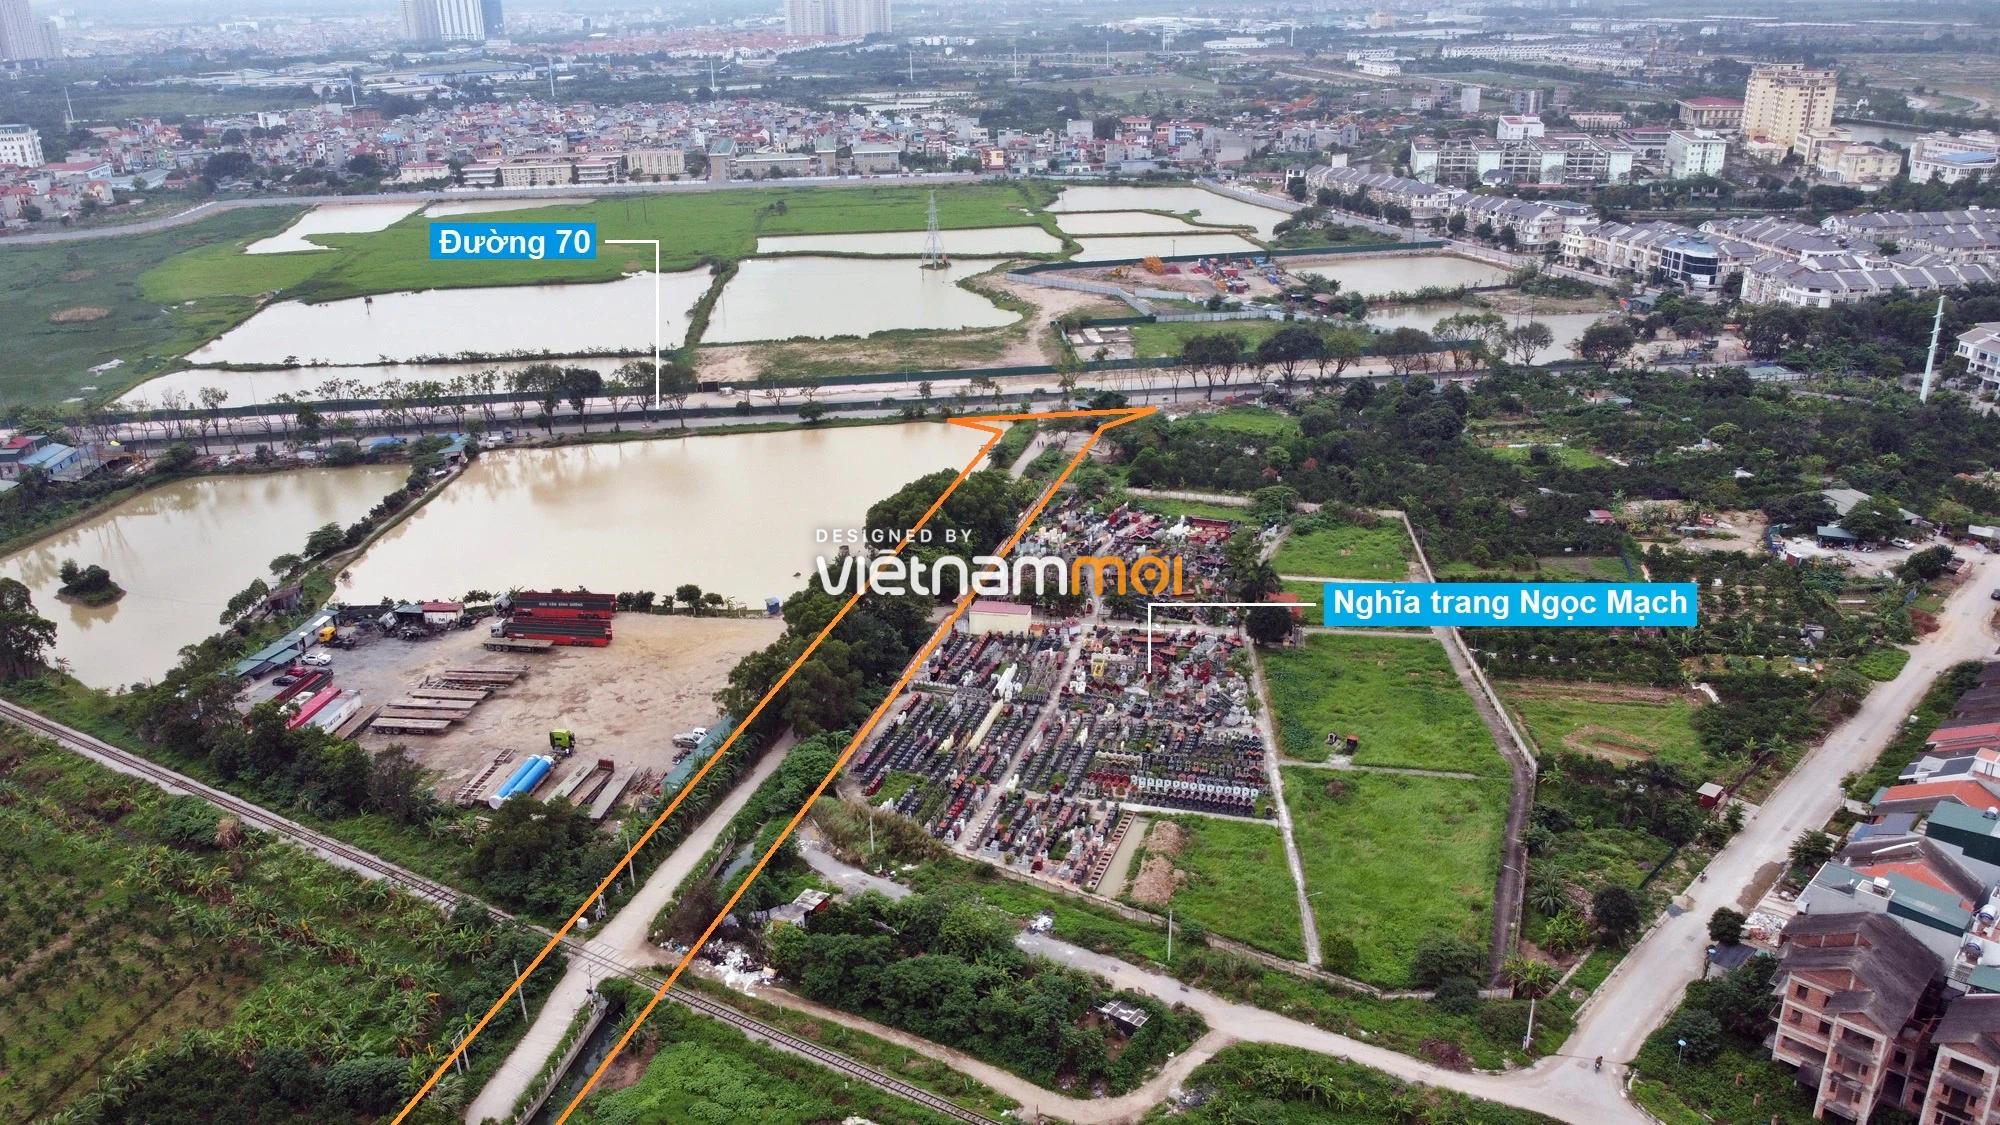 Những khu đất sắp thu hồi để mở đường ở phường Tây Mỗ, Nam Từ Liêm, Hà Nội (phần 3) - Ảnh 8.